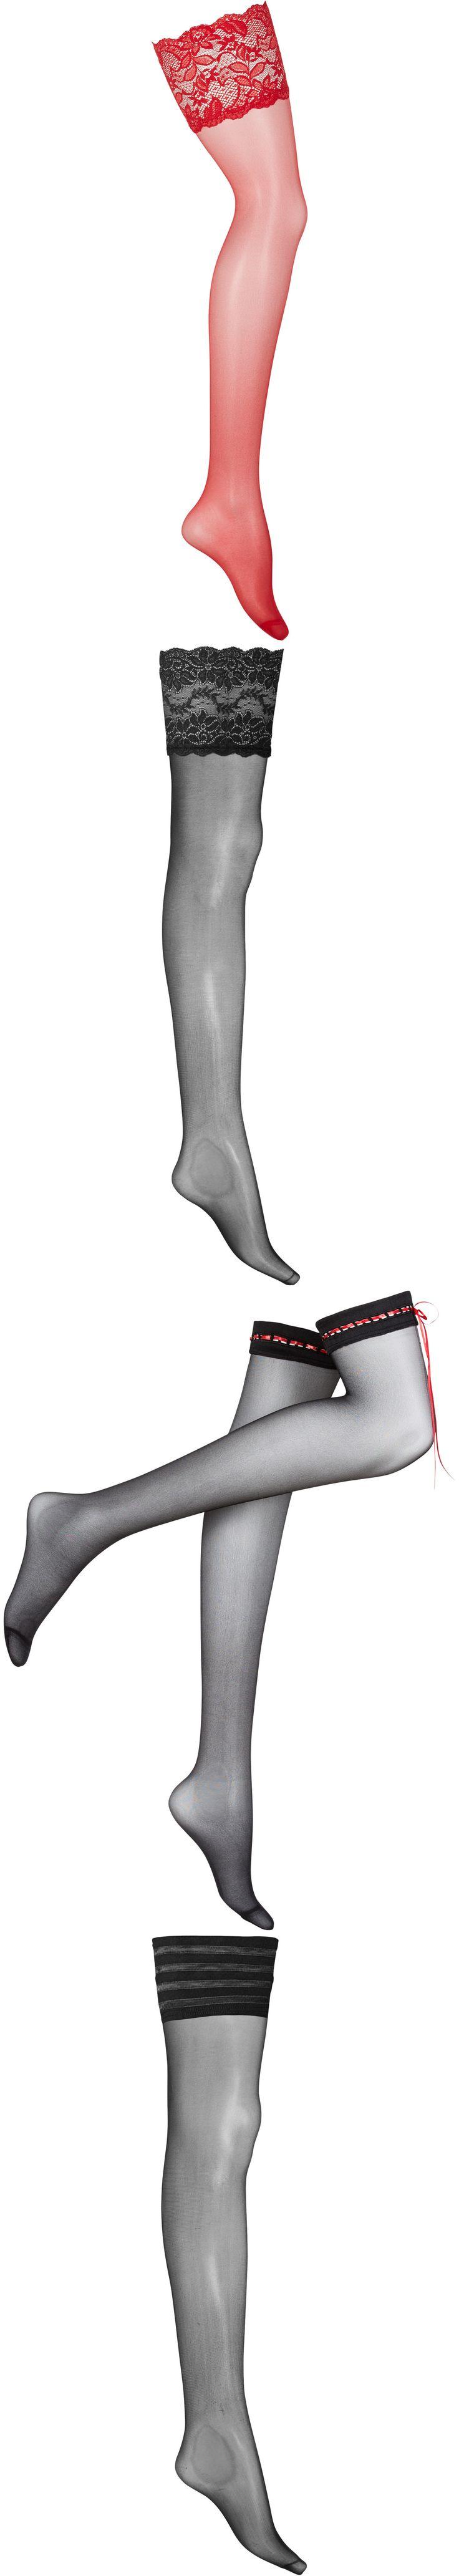 Halterlose Strümpfe in rot: Satin Sheer, mit opulenter Spitze, eingearbeitete Silikonstreifen für einen optimalen Halt. - Strumpfwaren für Damen von bonprix